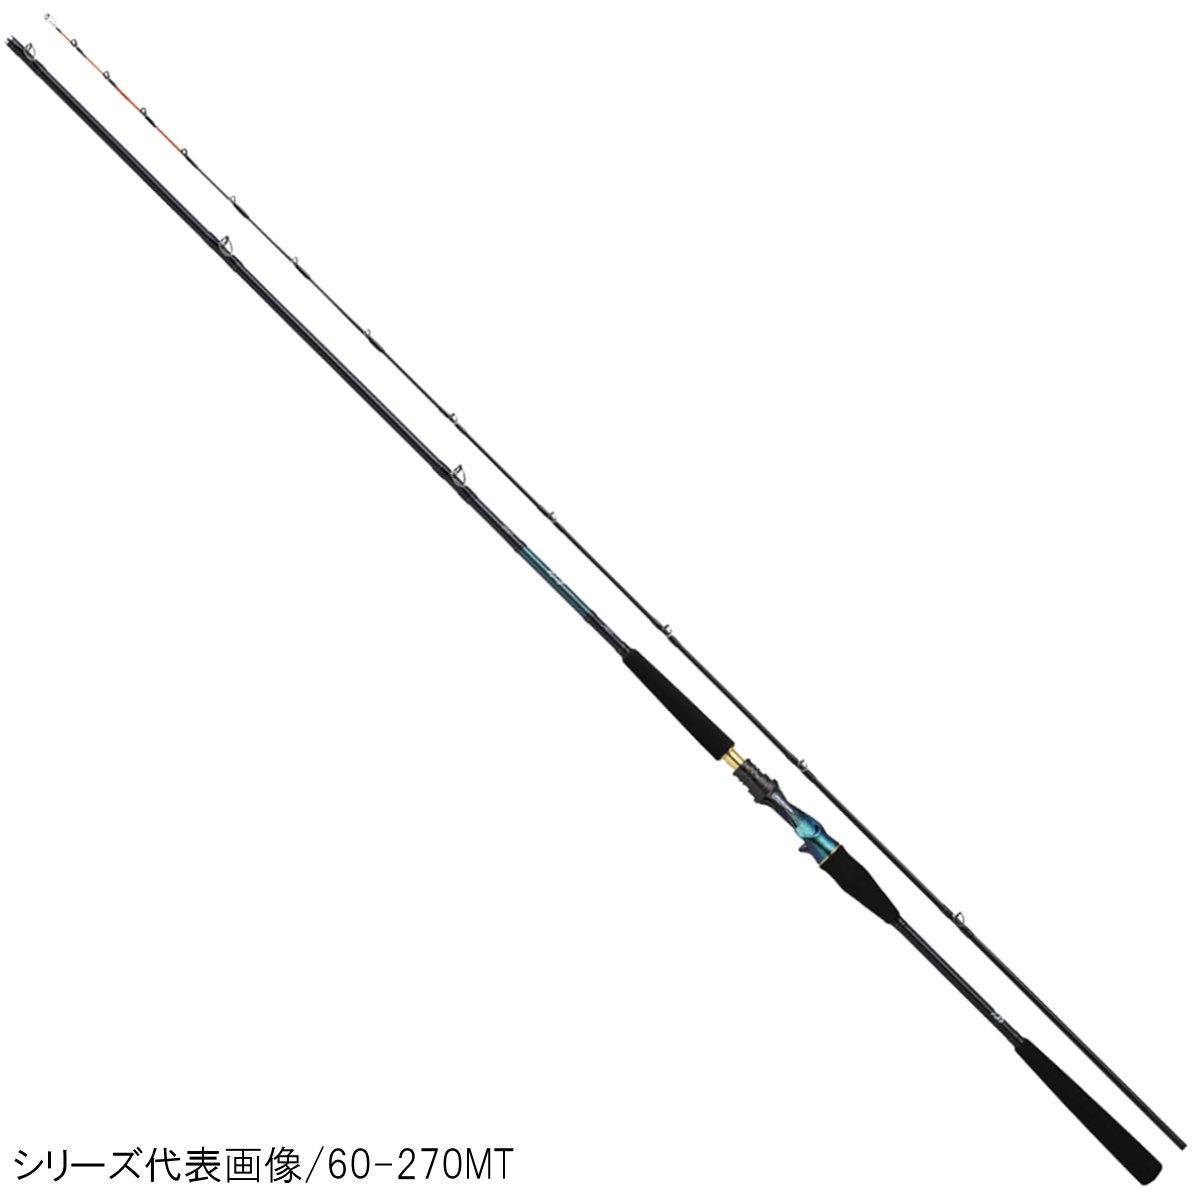 ダイワ 剣崎 MT 60-200MT